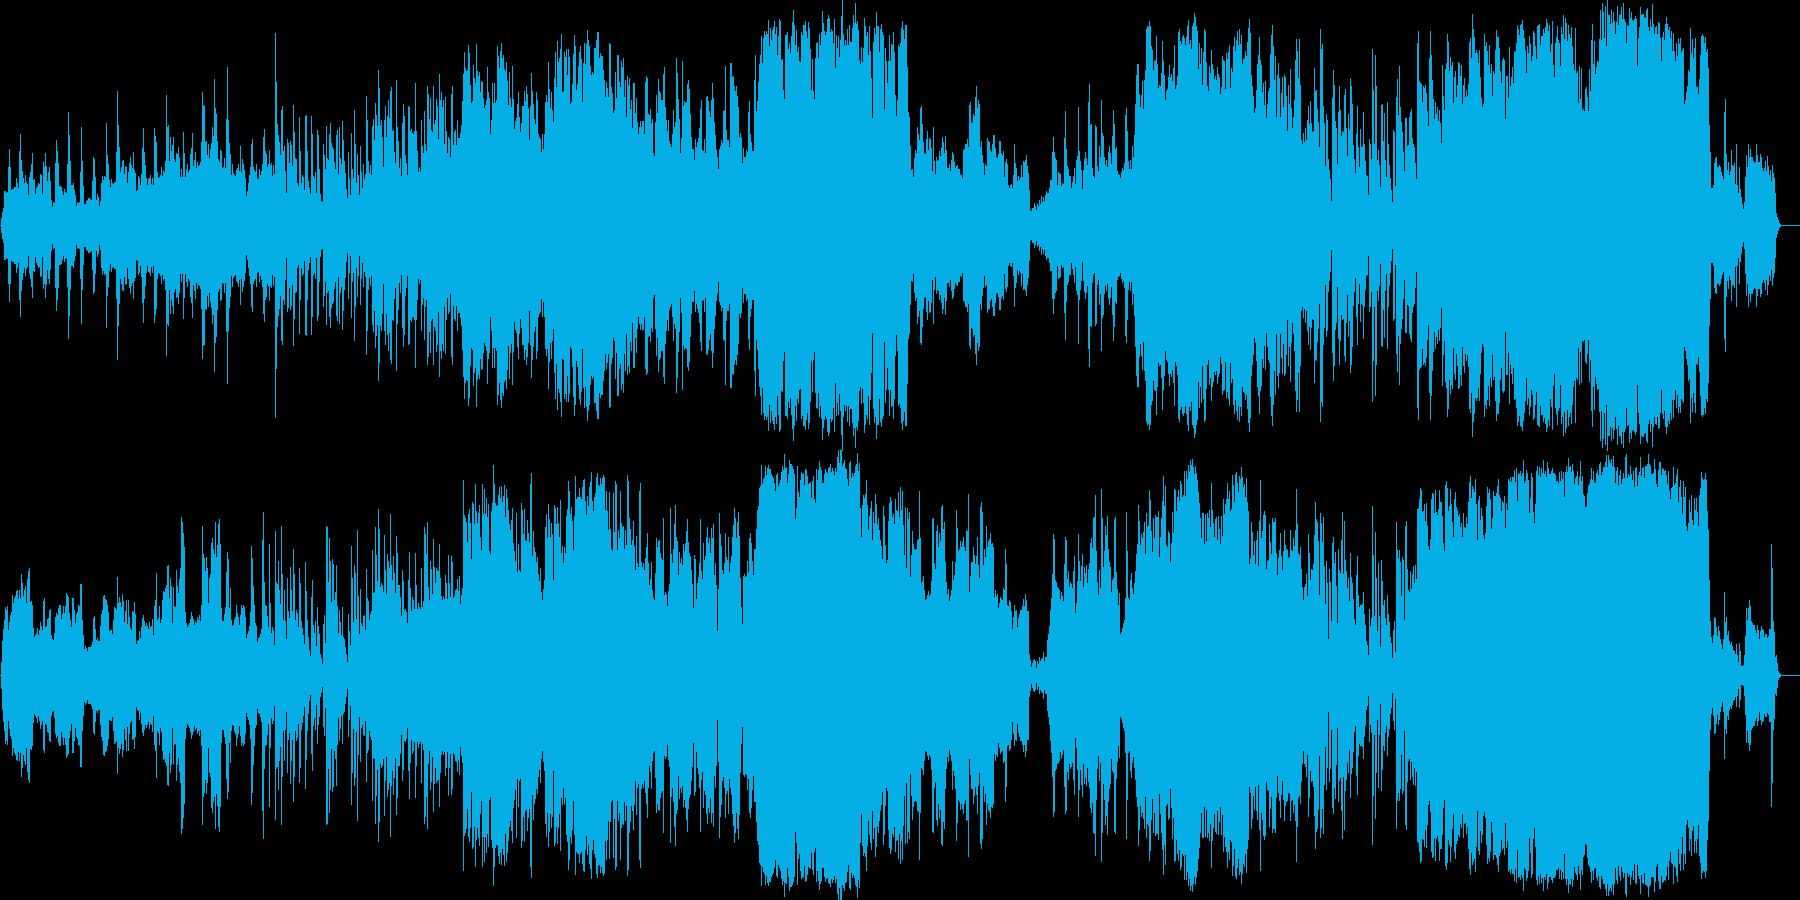 チェロのやさしく美しいメロディーの再生済みの波形